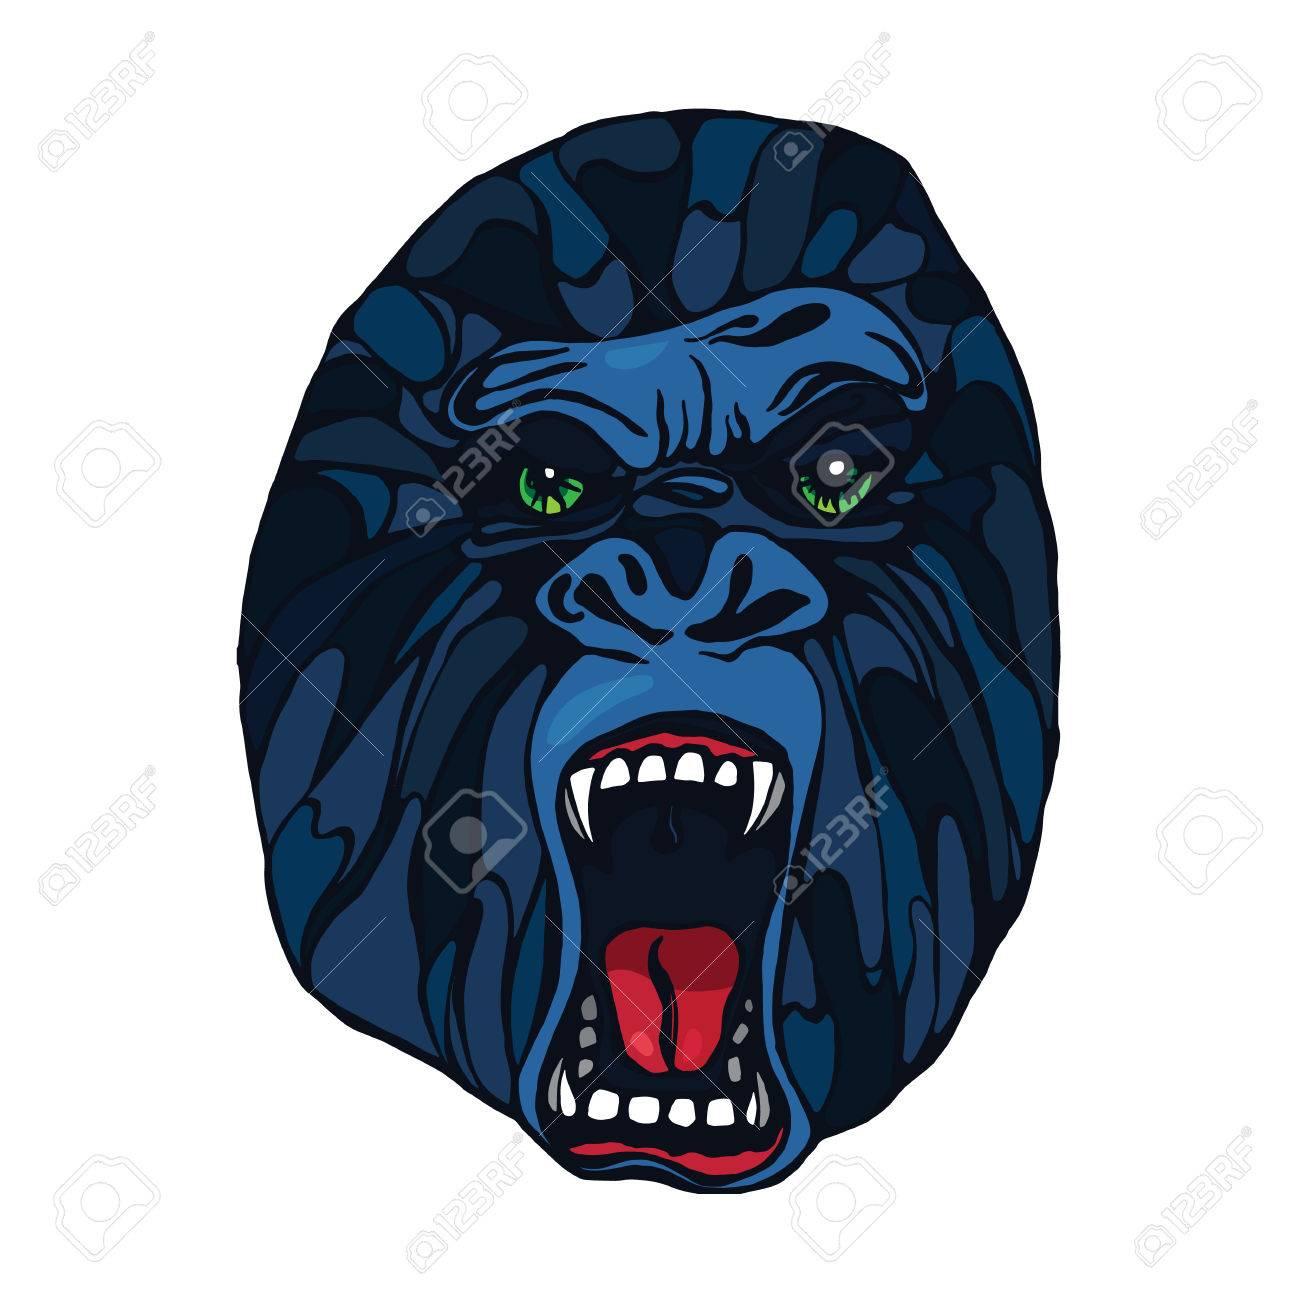 Foto de archivo - Gruñendo gorila detallada en el estilo de dibujos  animados. Diseño de la camiseta 01638cfb89283